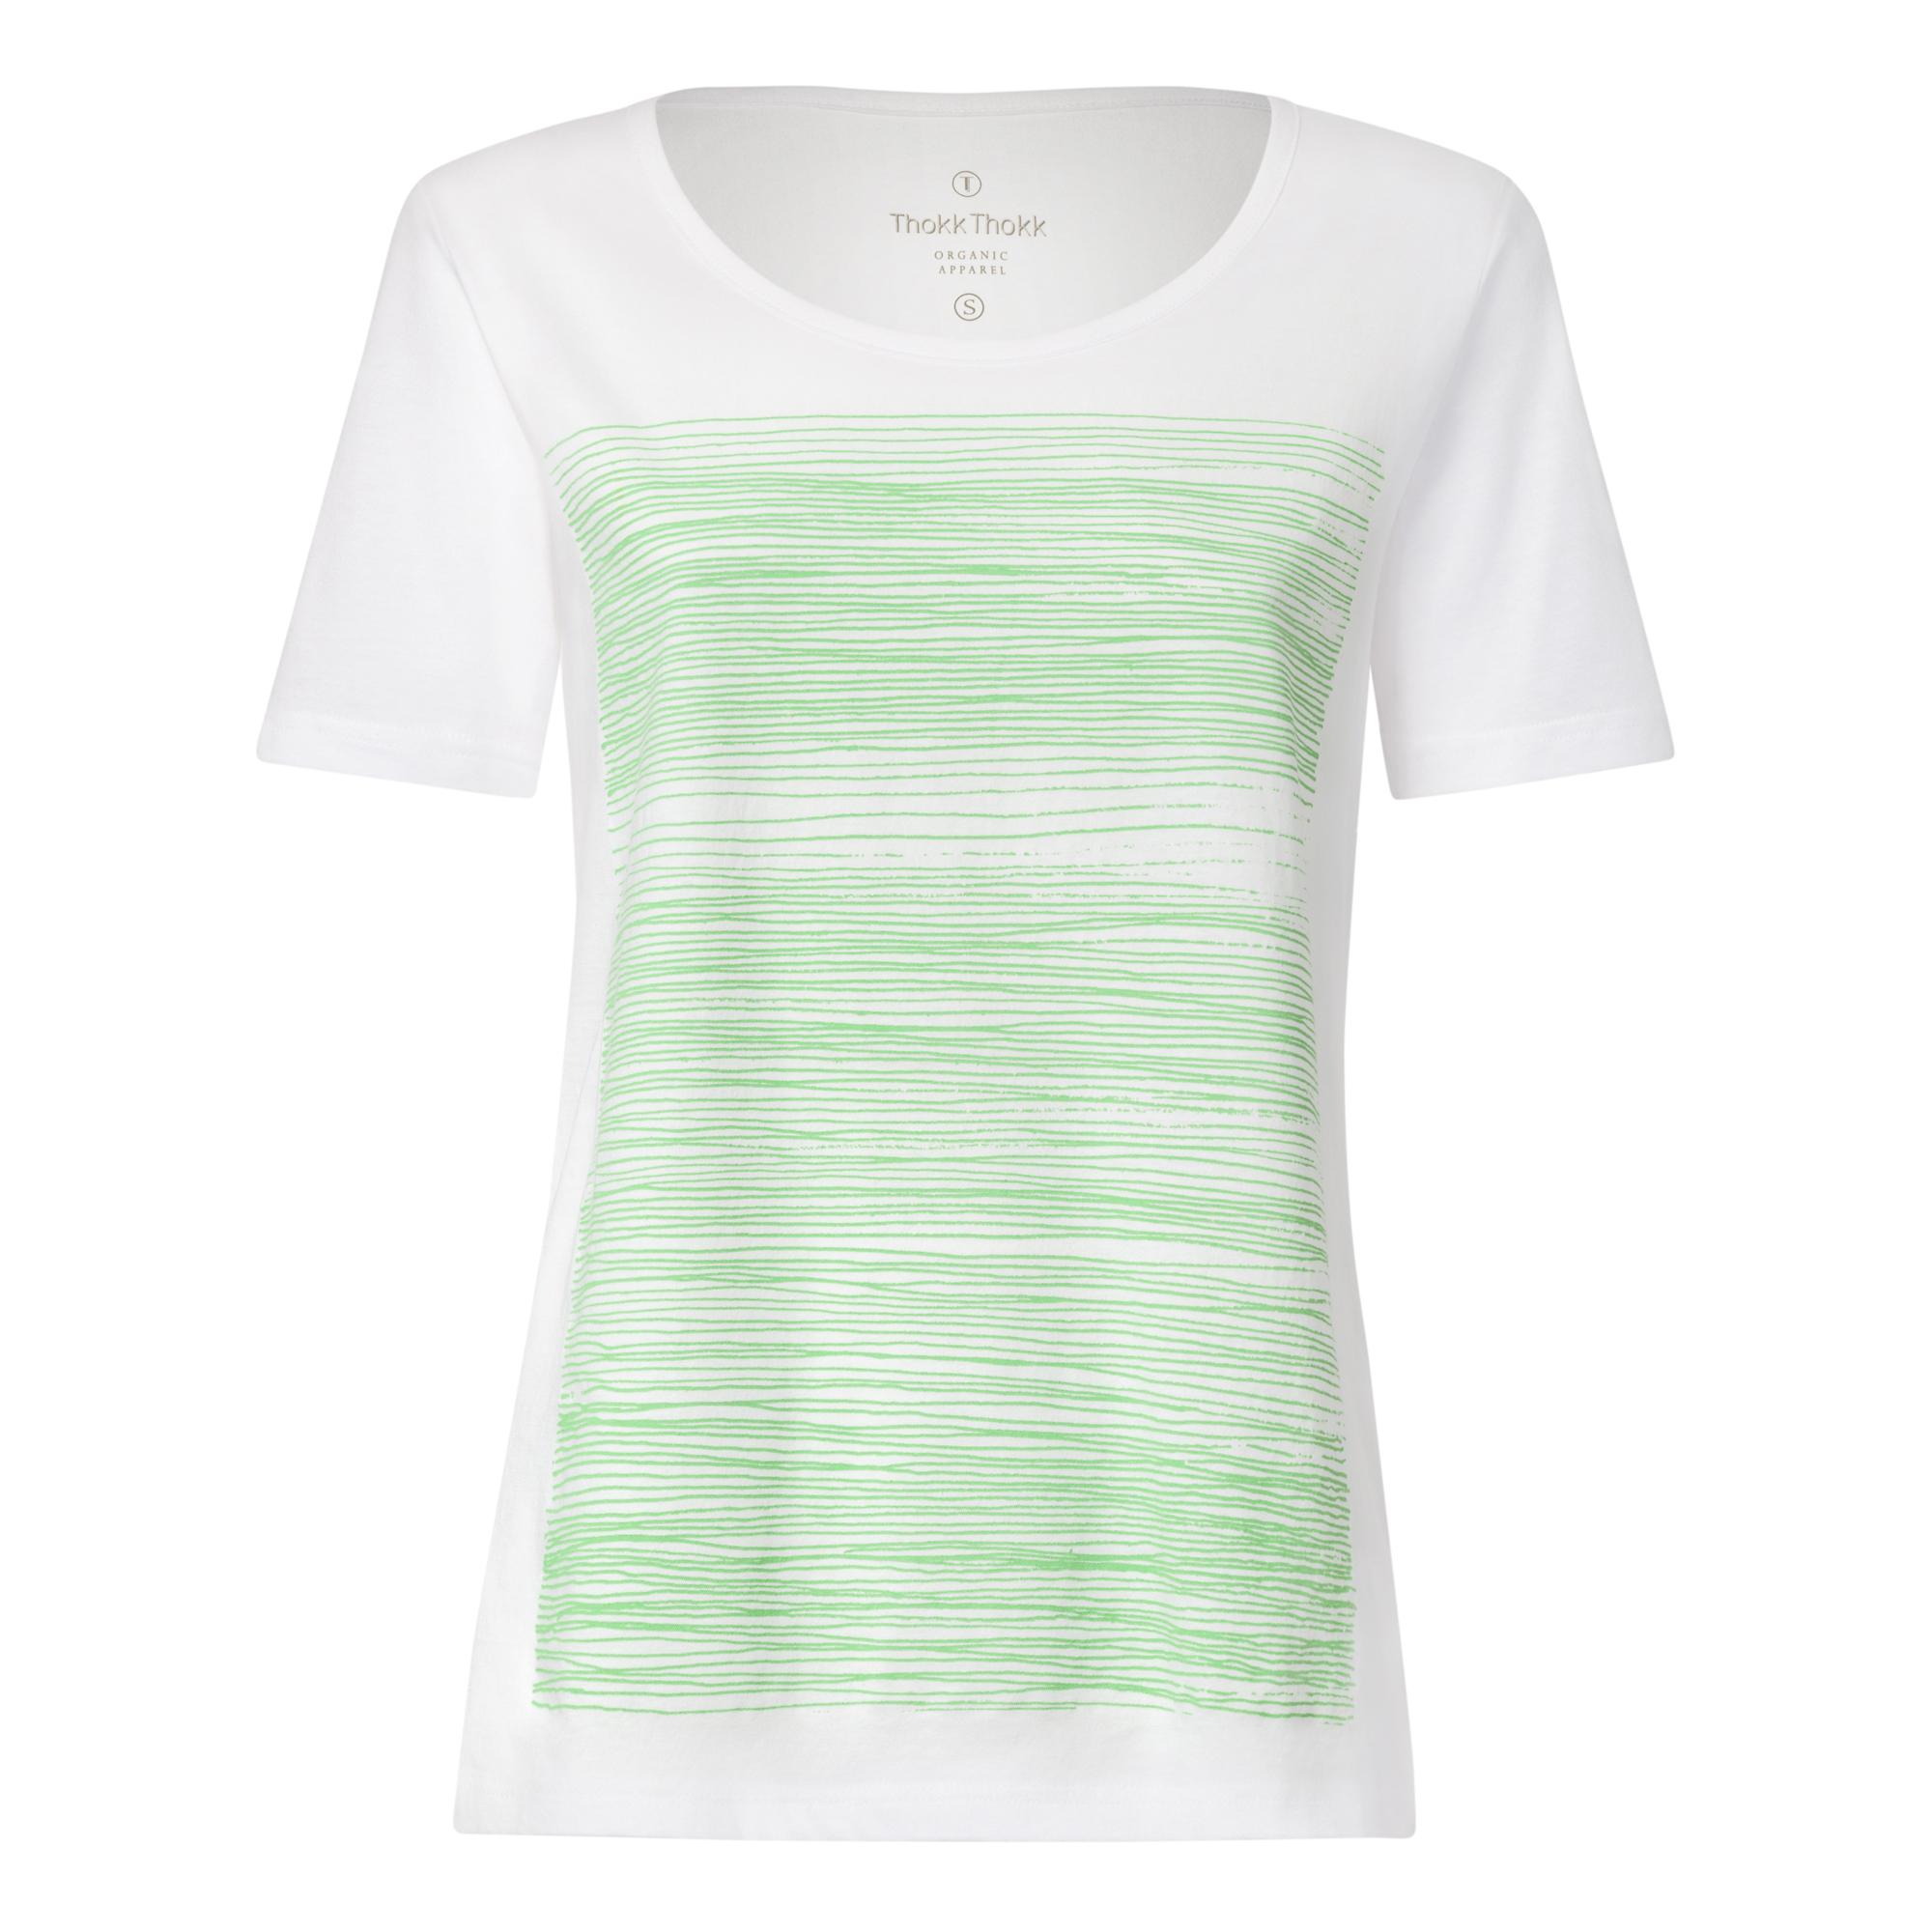 Strokes TT64 T-Shirt Woman palegreen/white GOTS & Fairtrade